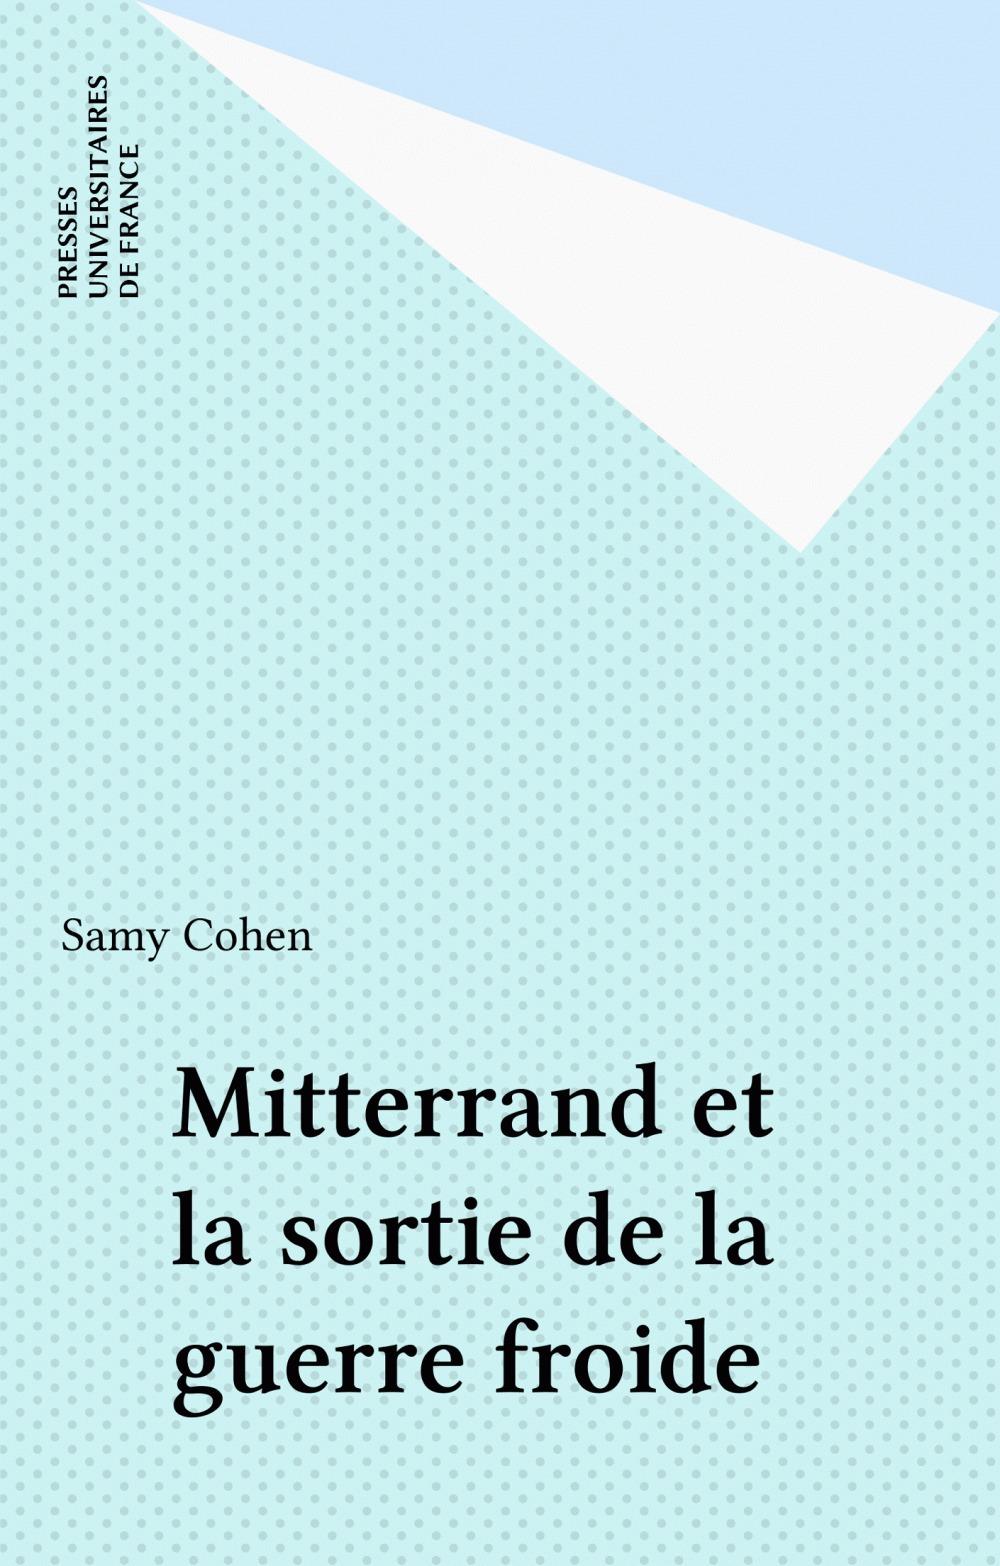 Mitterrand et la sortie de la guerre froide